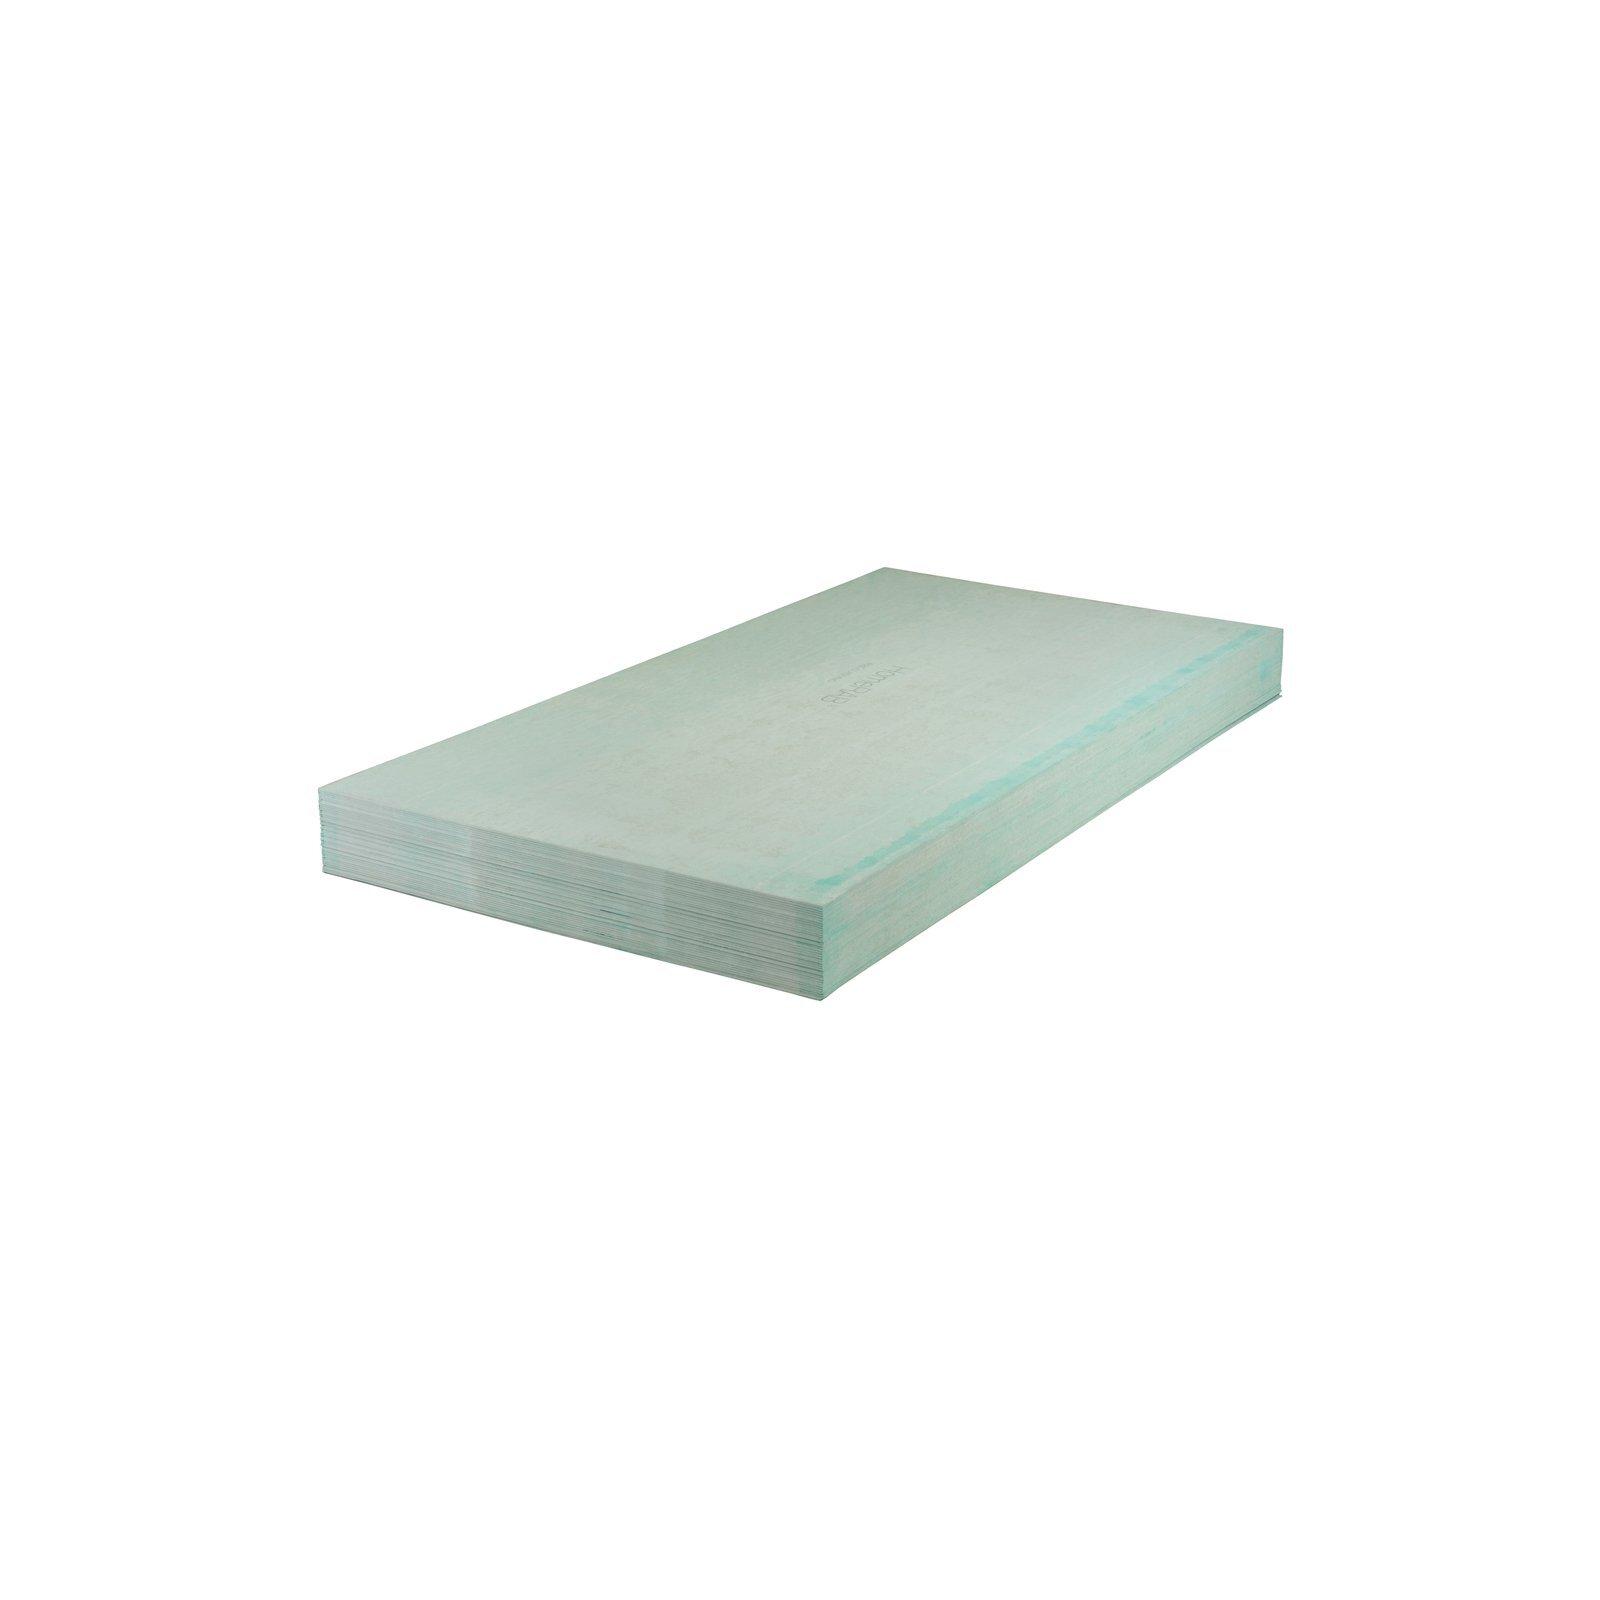 James Hardie RAB Board 2450 x 1200 x 6mm